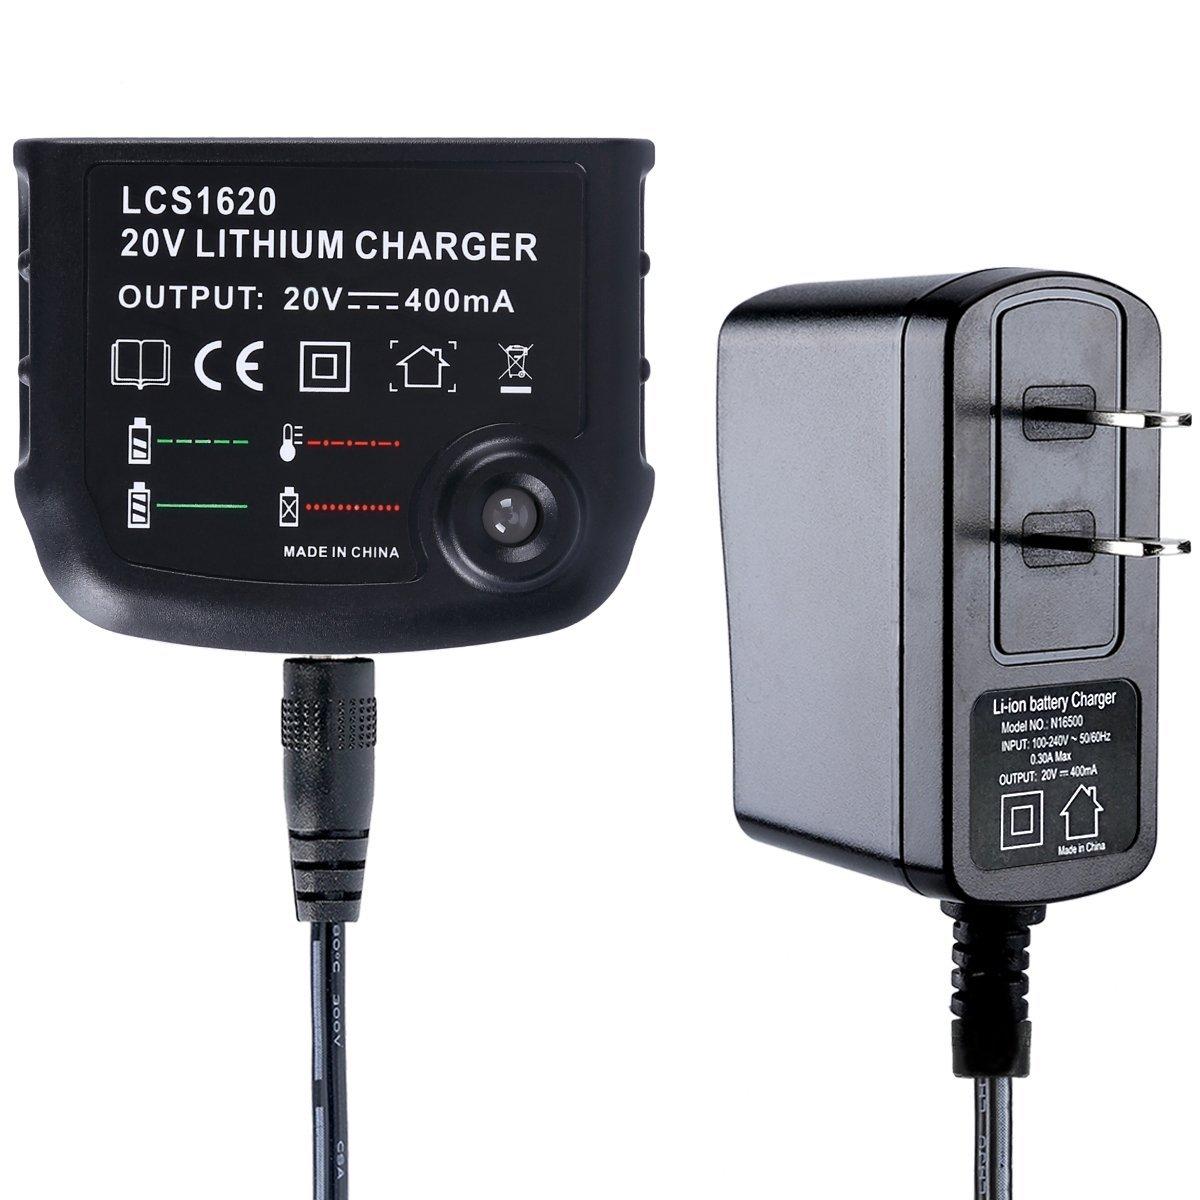 Biswaye 20V Lithium Battery Charger LCS1620 for Black & Decker 16V 20V Lithium Ion Battery LBXR20 LBXR20-OPE LB20 LBX20 LBX4020 LB2X4020 LBXR2020-OPE BL1514 LBXR16 in US Plug